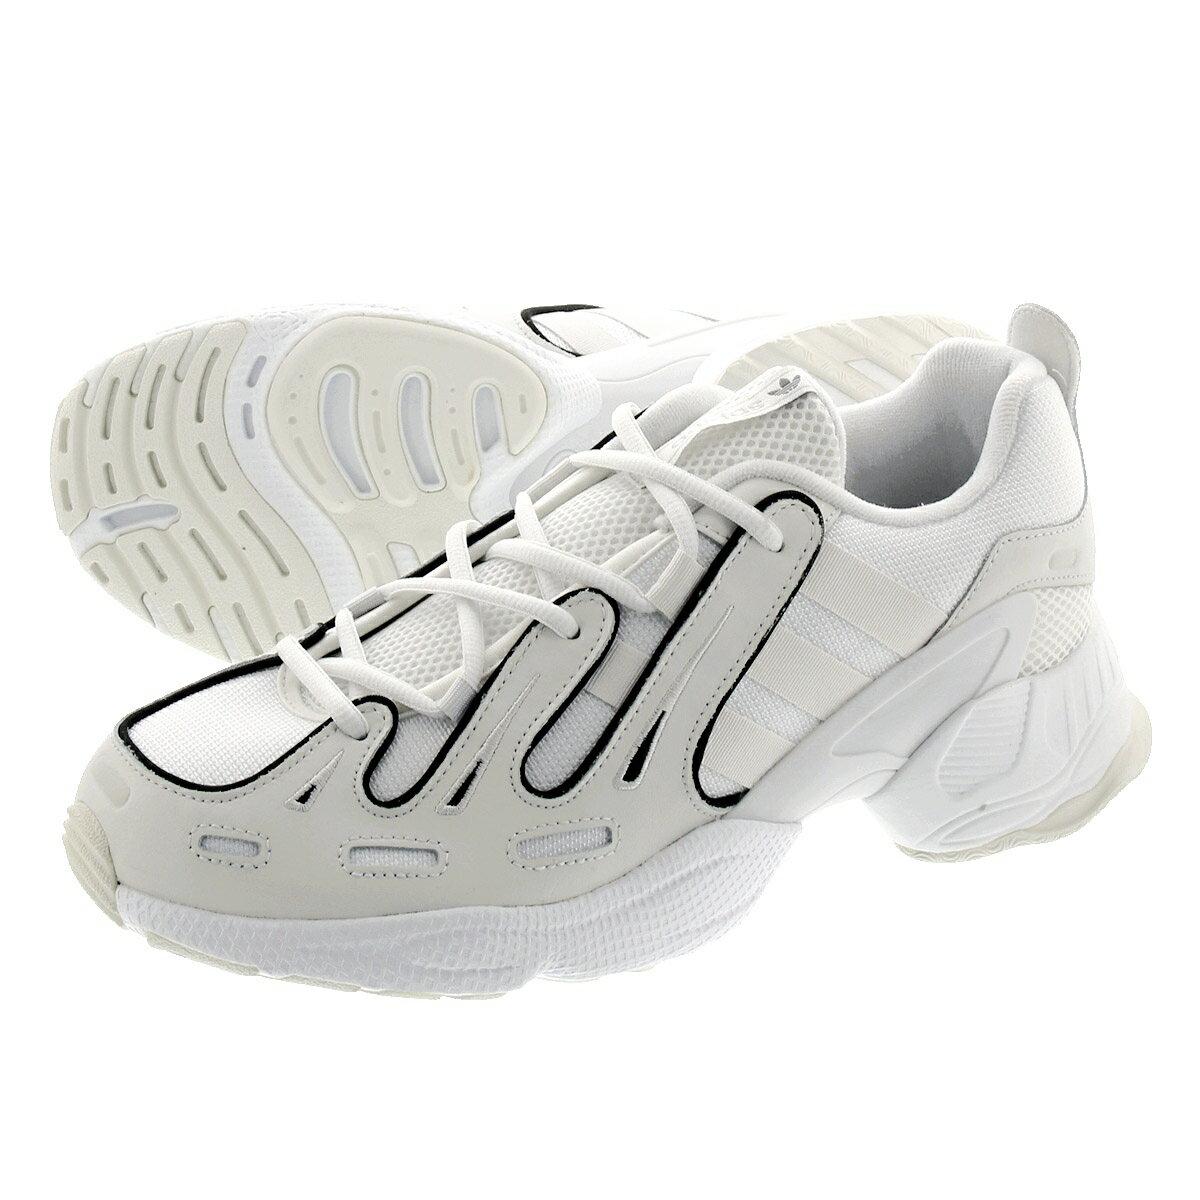 メンズ靴, スニーカー adidas EQT GAZELLE EQT CRYSTAL WHITECRYSTAL WHITECORE BLACK ee7744